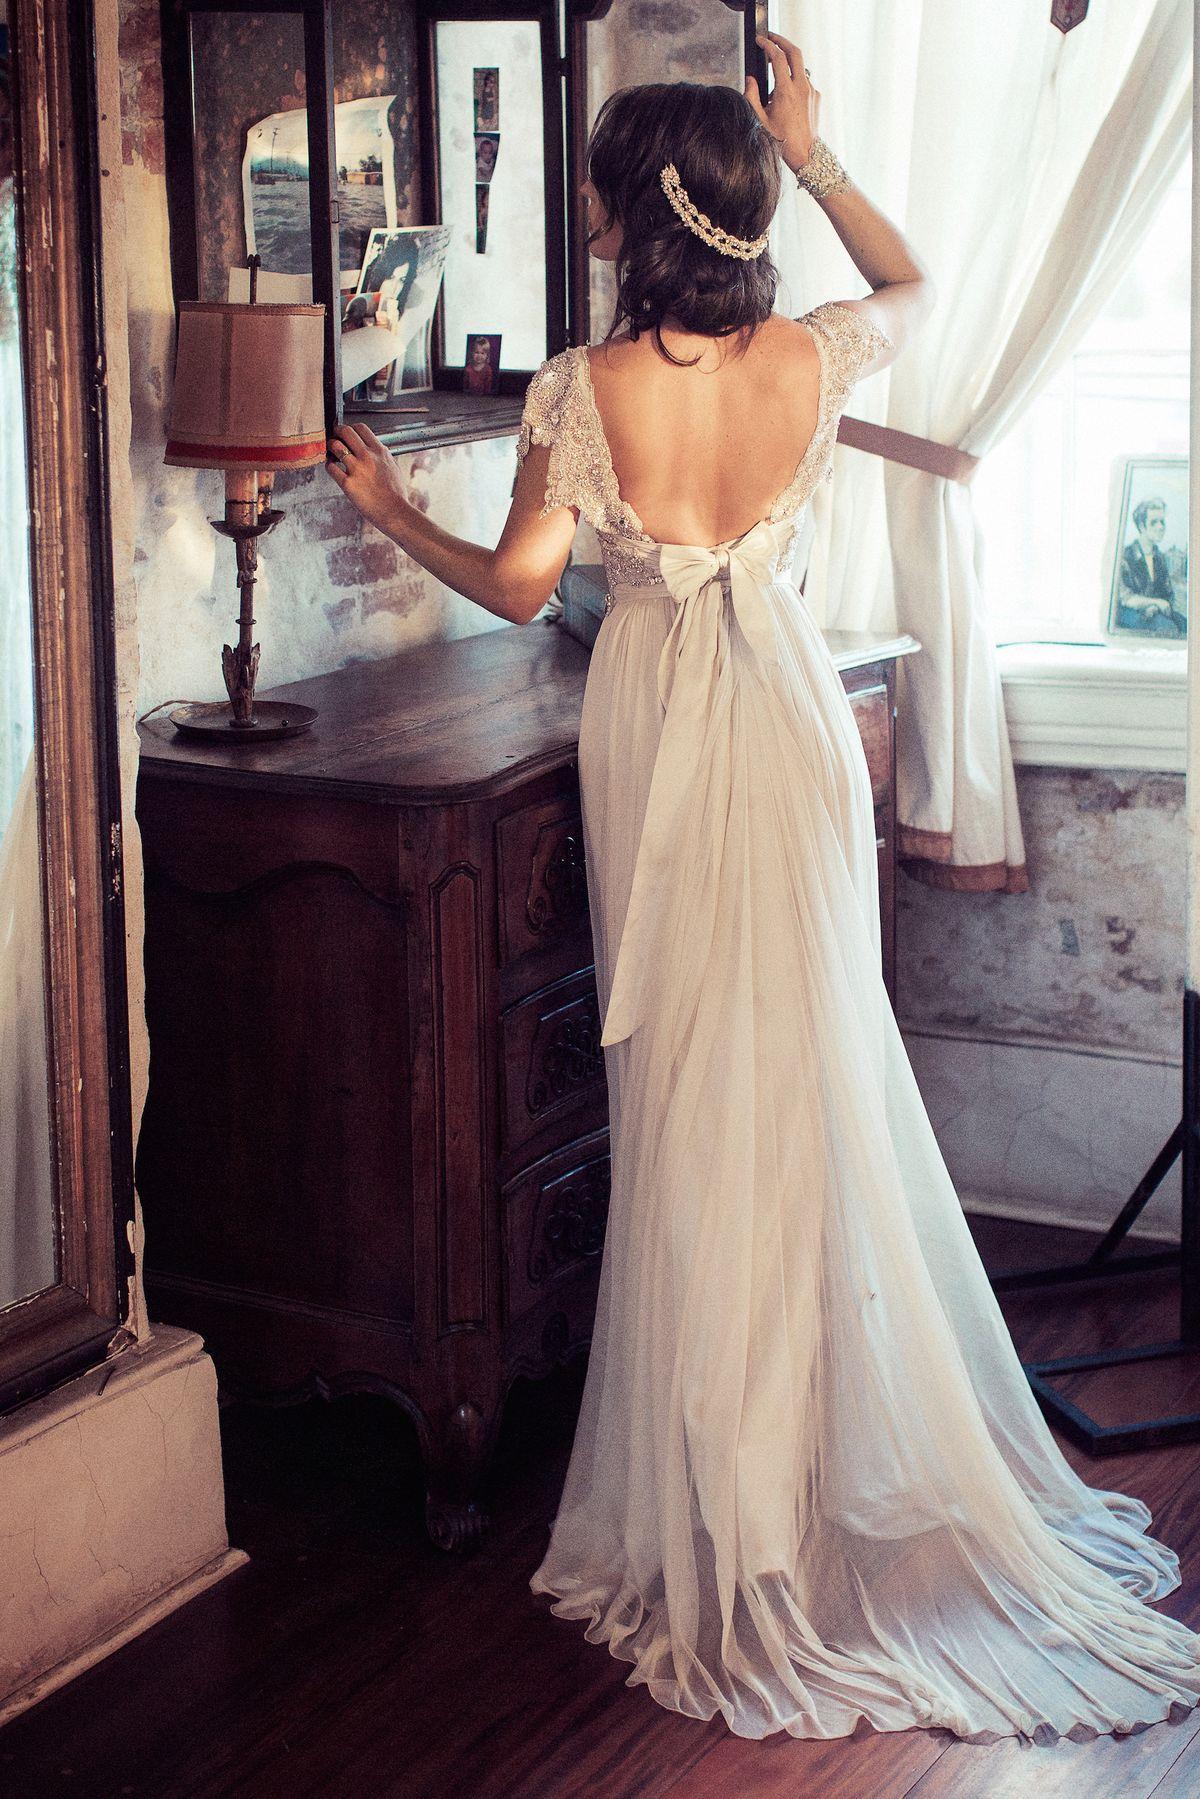 Best vintage wedding dress designers  vintage wedding dress best photos  Page  of   Vintage inspired